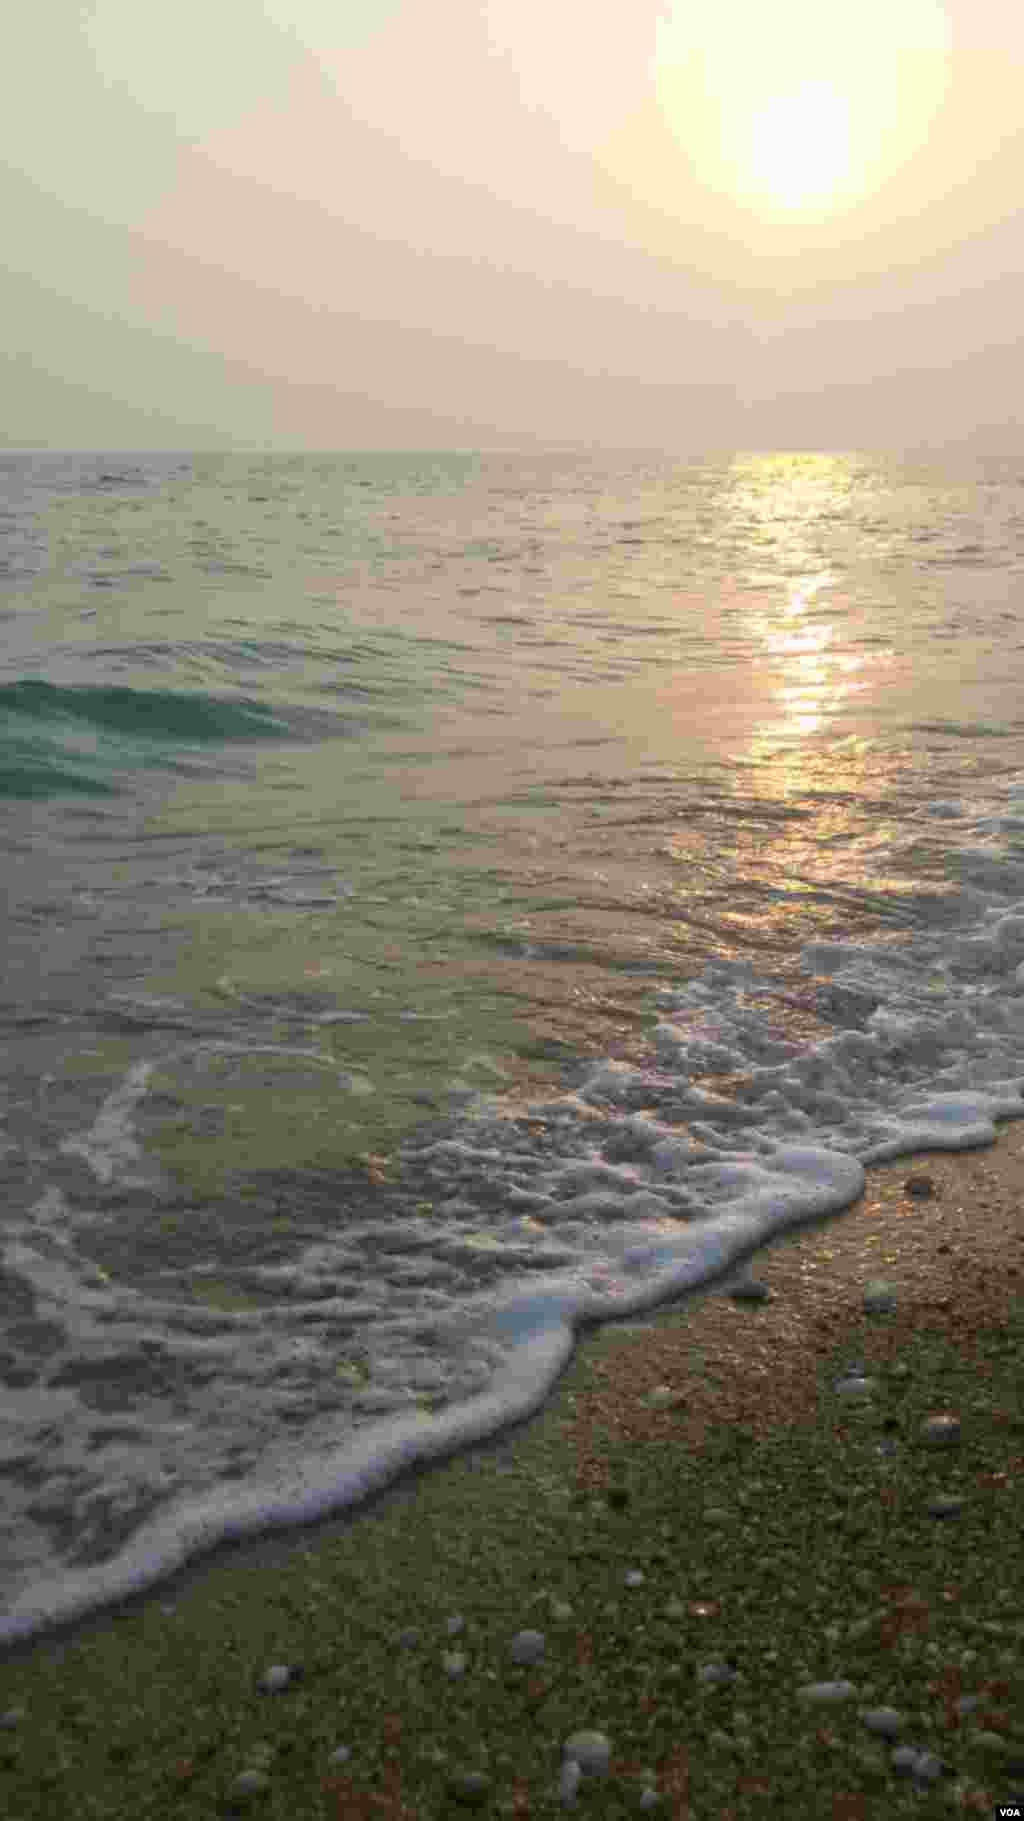 ساحل خلیج فارس در کنگان – استان بوشهر عکس: غیبی(ارسالی از شما)